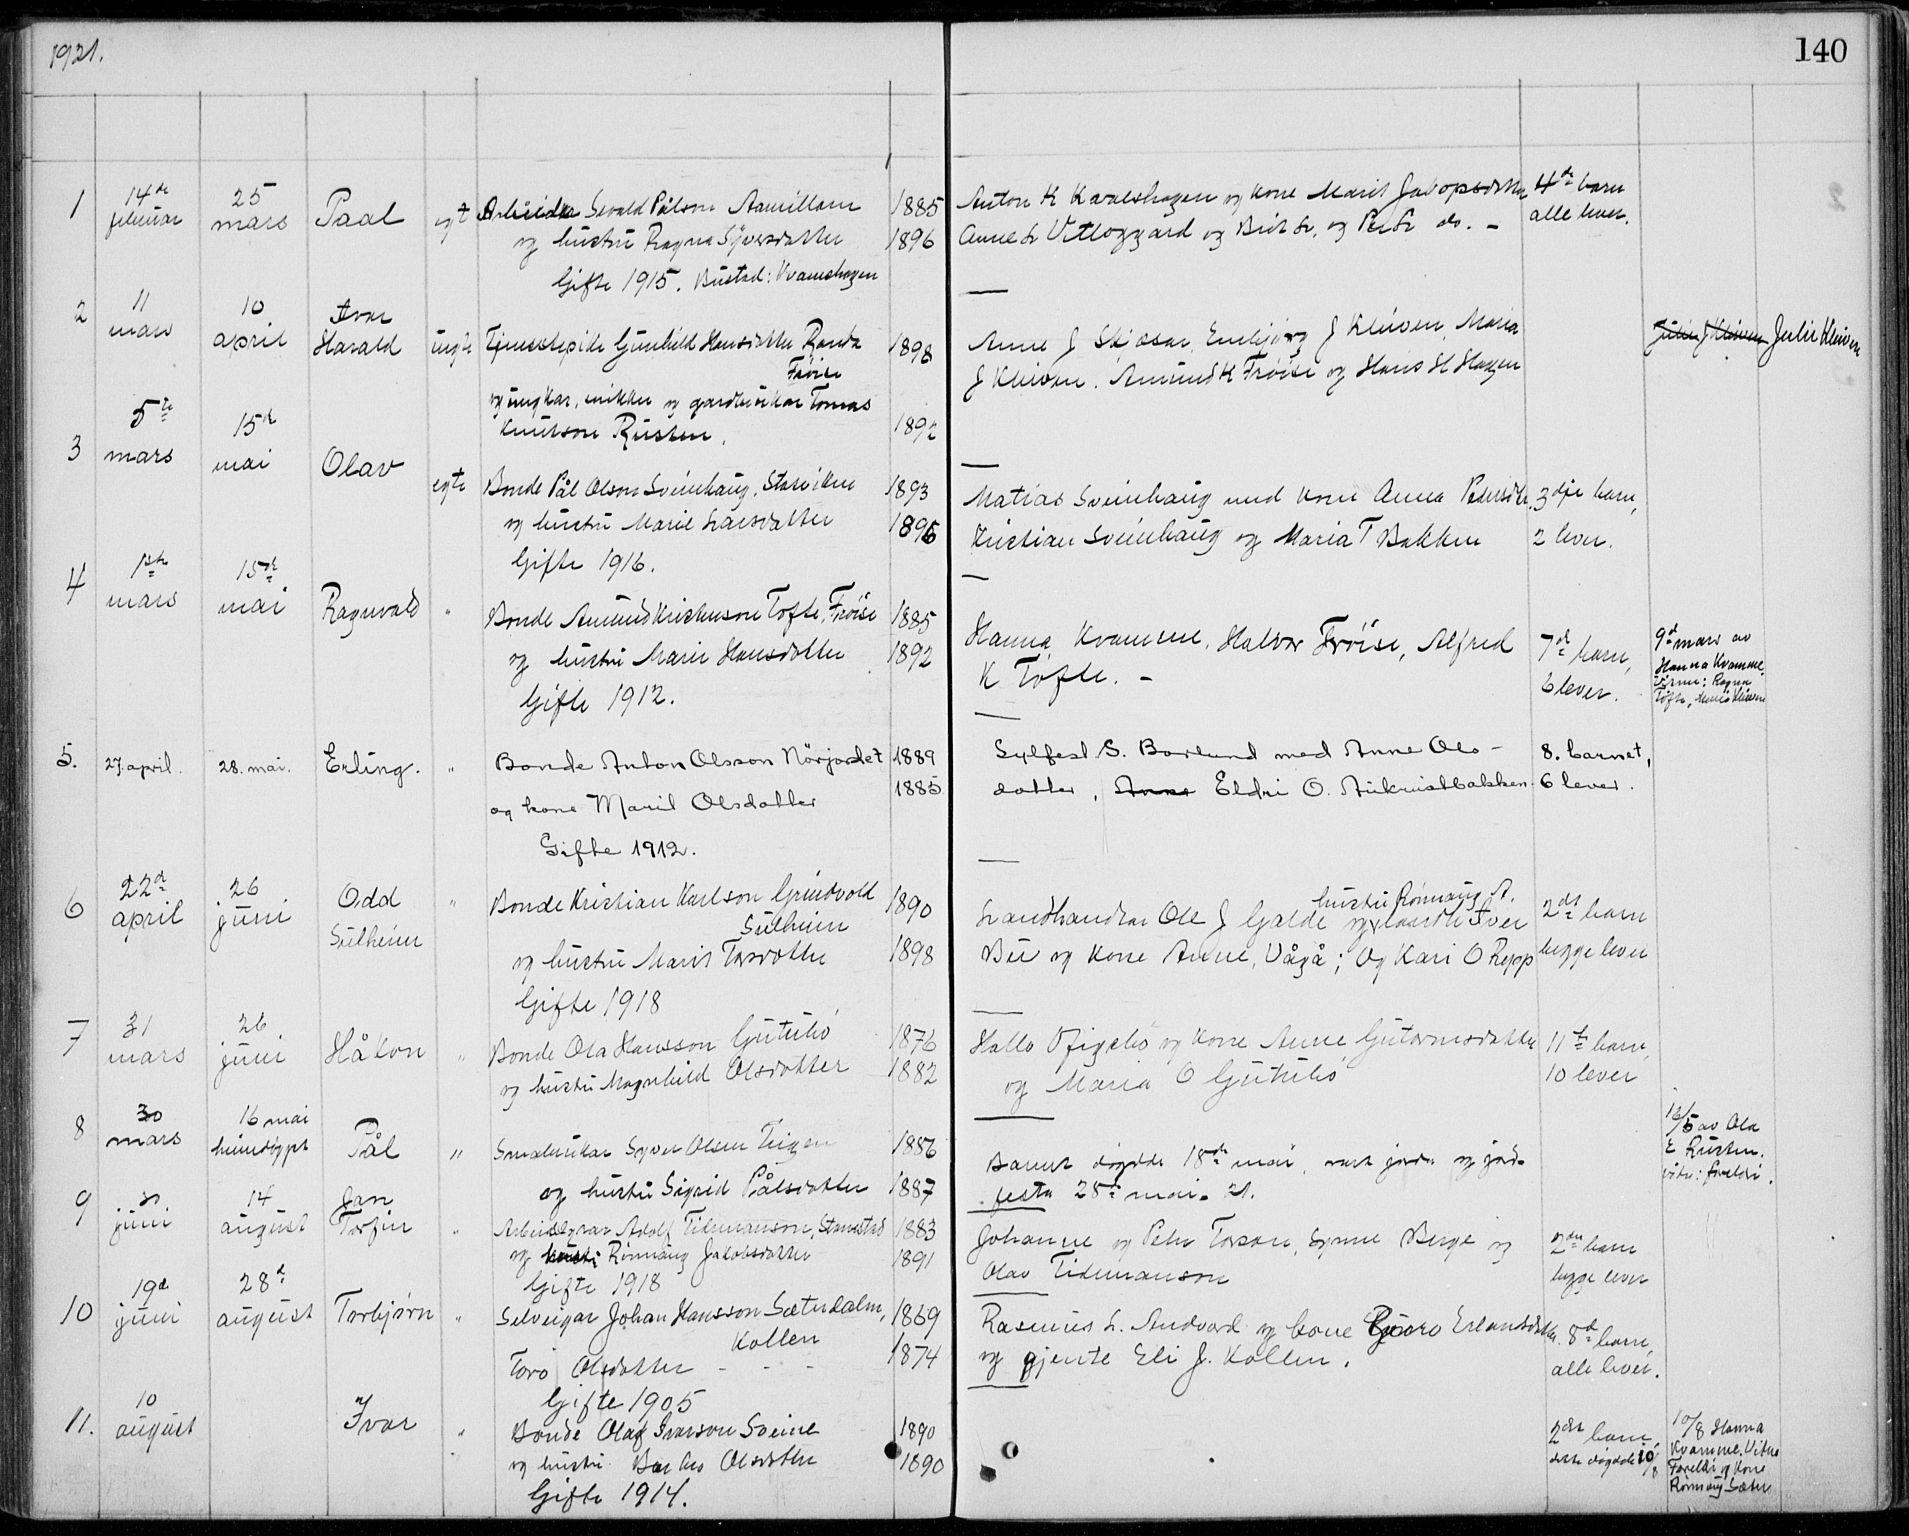 SAH, Lom prestekontor, L/L0013: Klokkerbok nr. 13, 1874-1938, s. 140